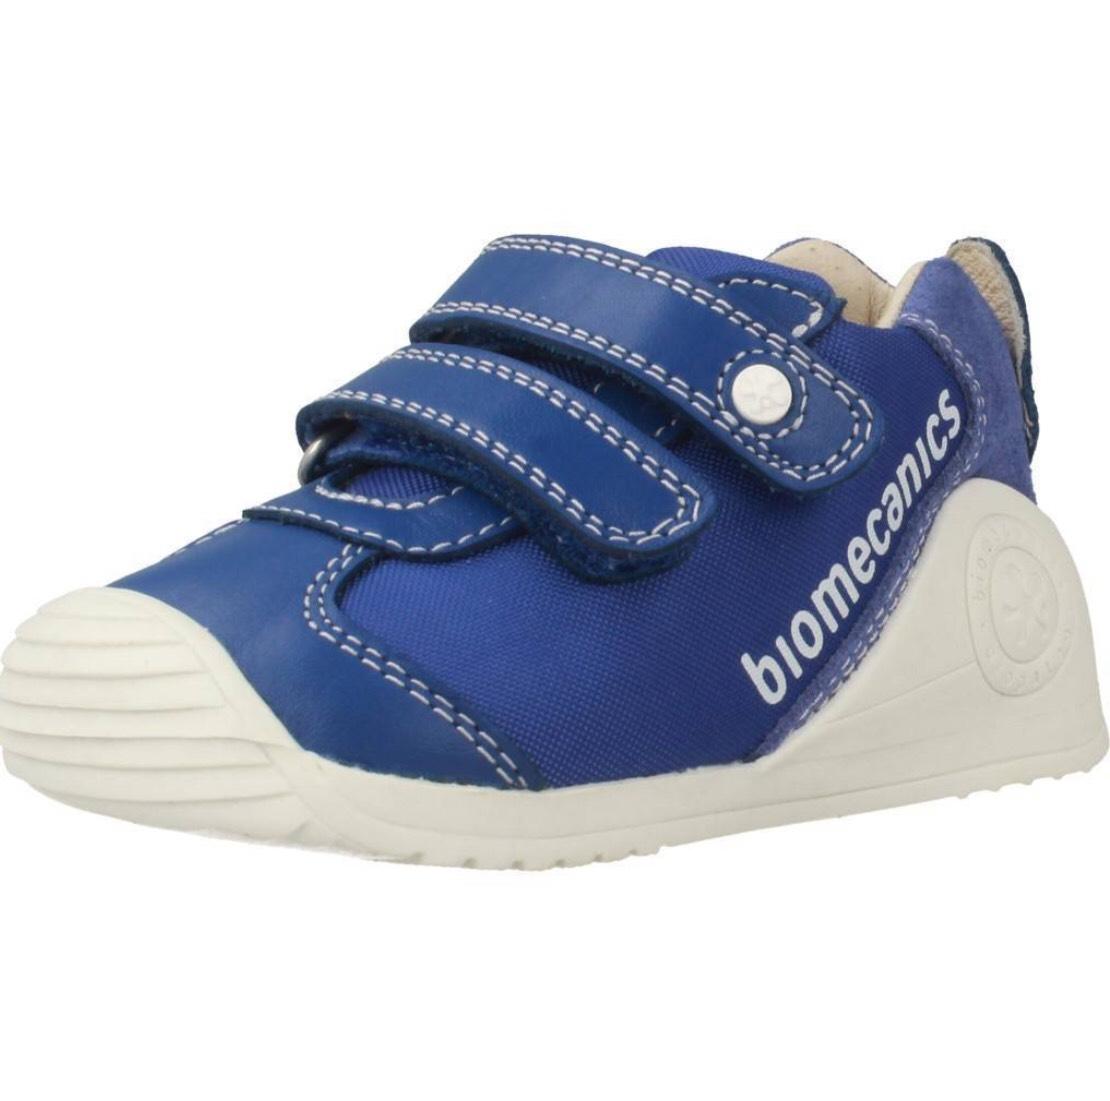 Outlet zapatos niñ@ BIOMECANICS y más marcas.